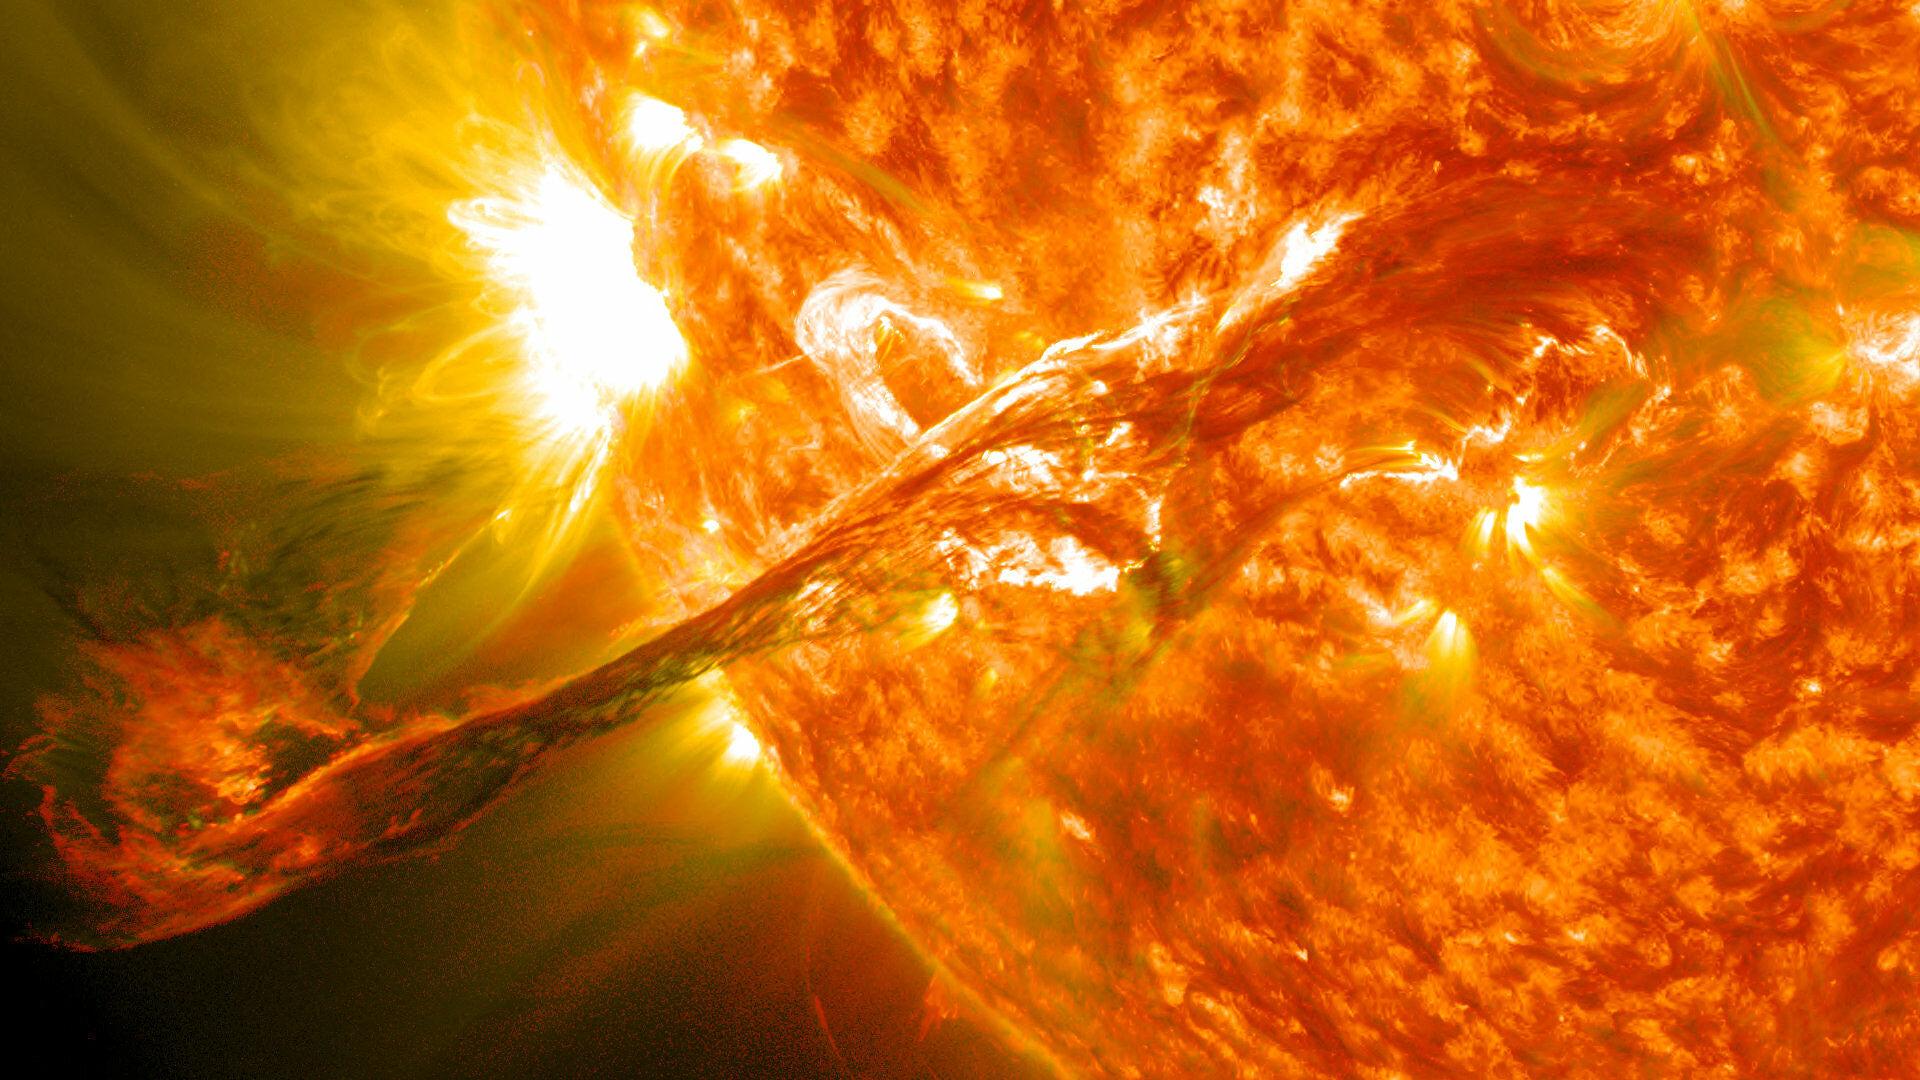 Kina lansirala prvi satelit za posmatranje Sunca